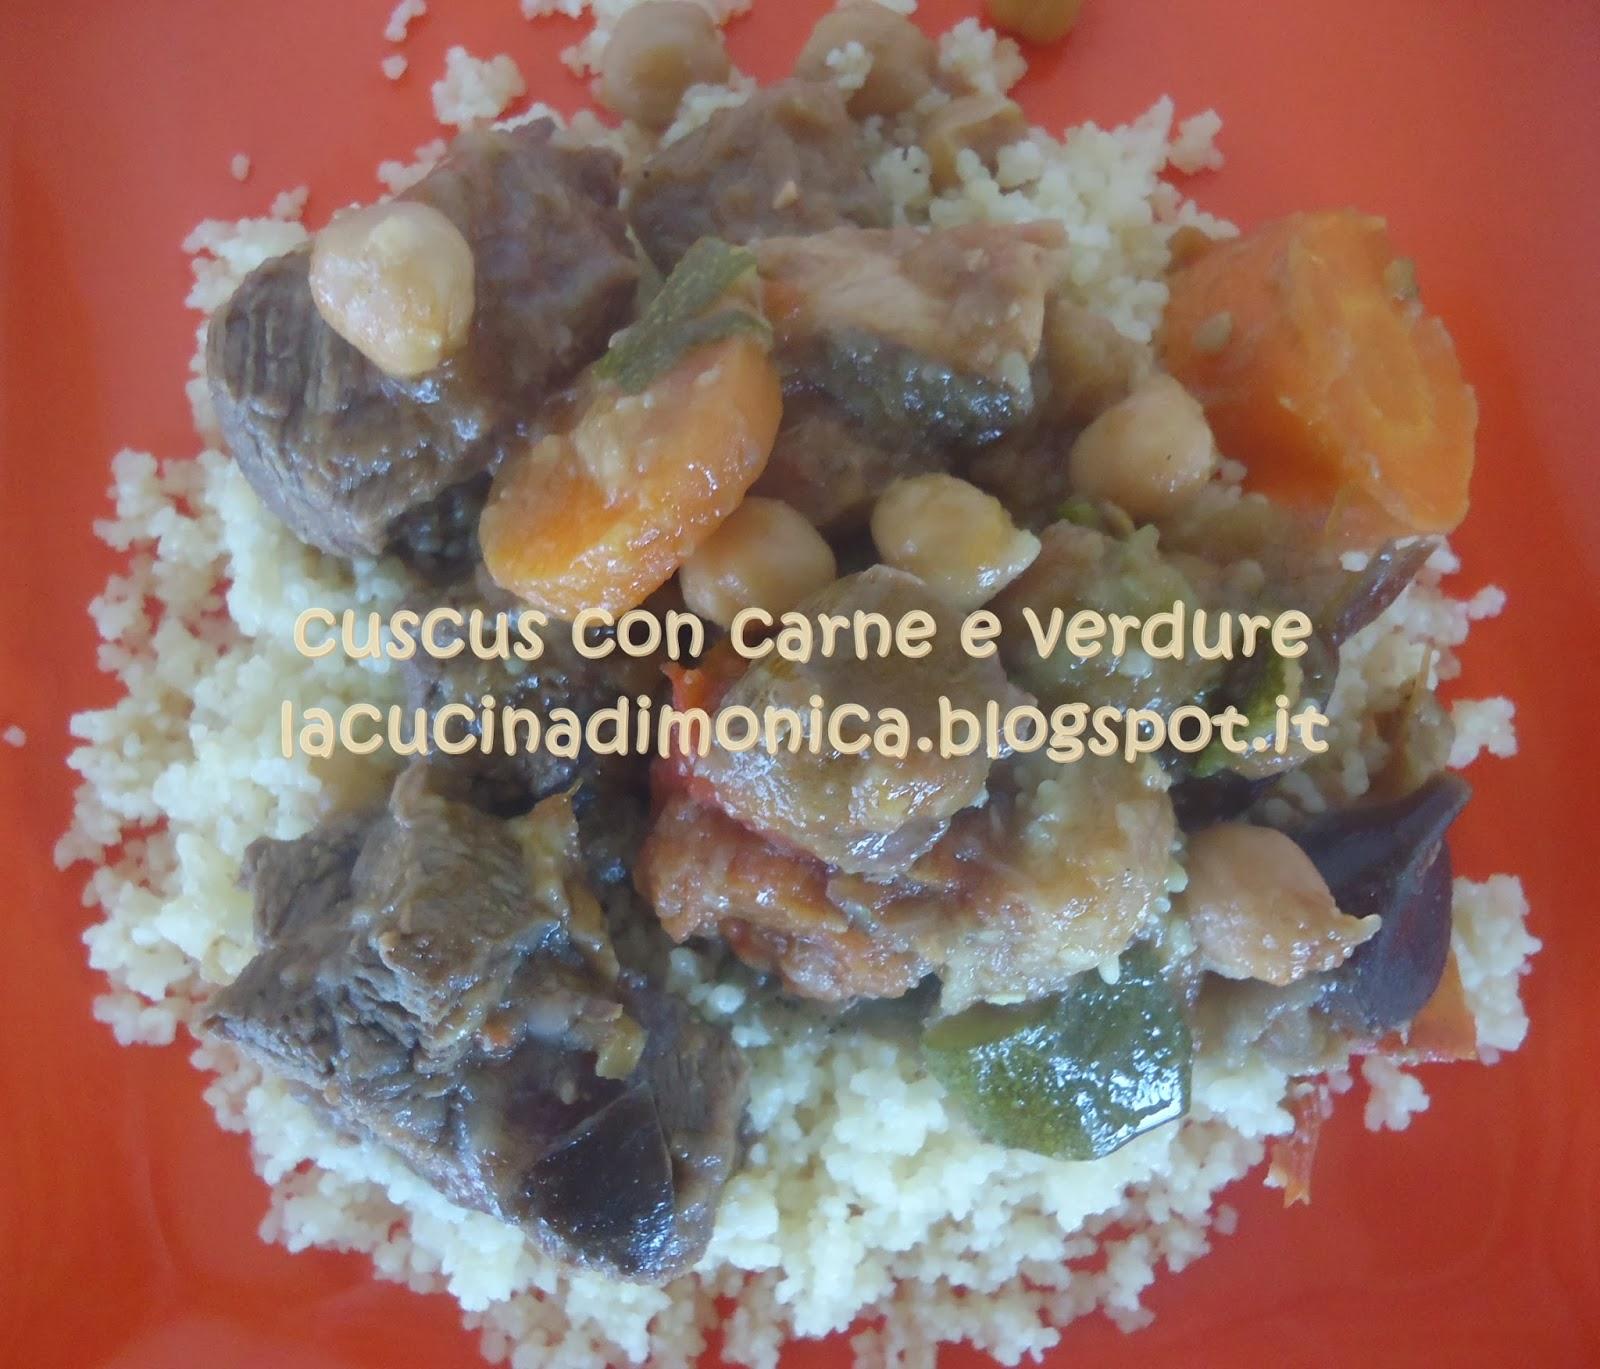 cuscus di carne e verdure